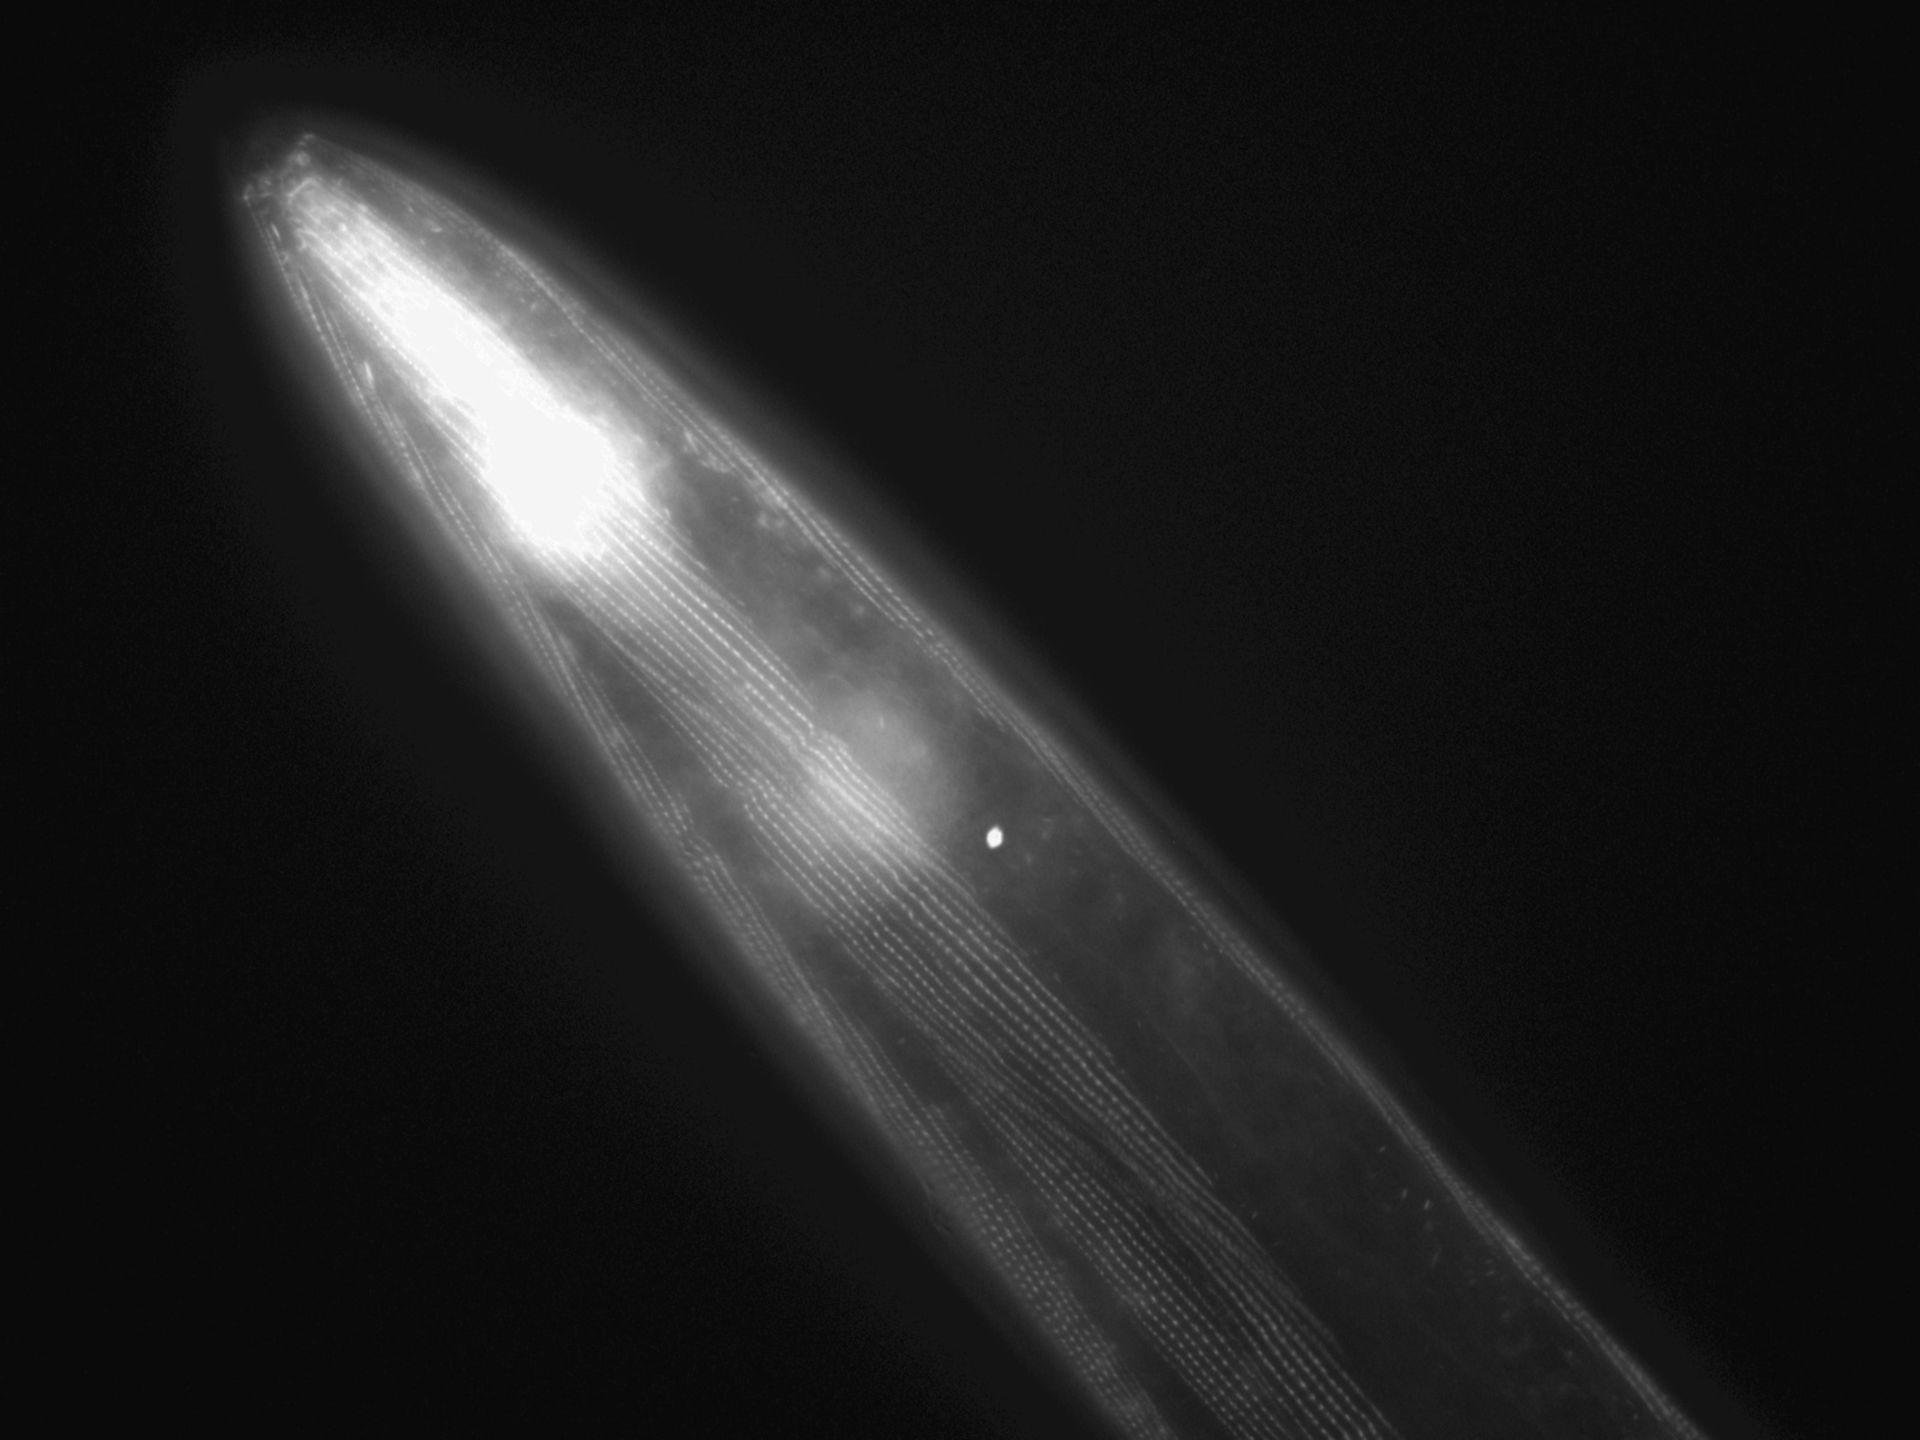 Caenorhabditis elegans (Actin filament) - CIL:1019